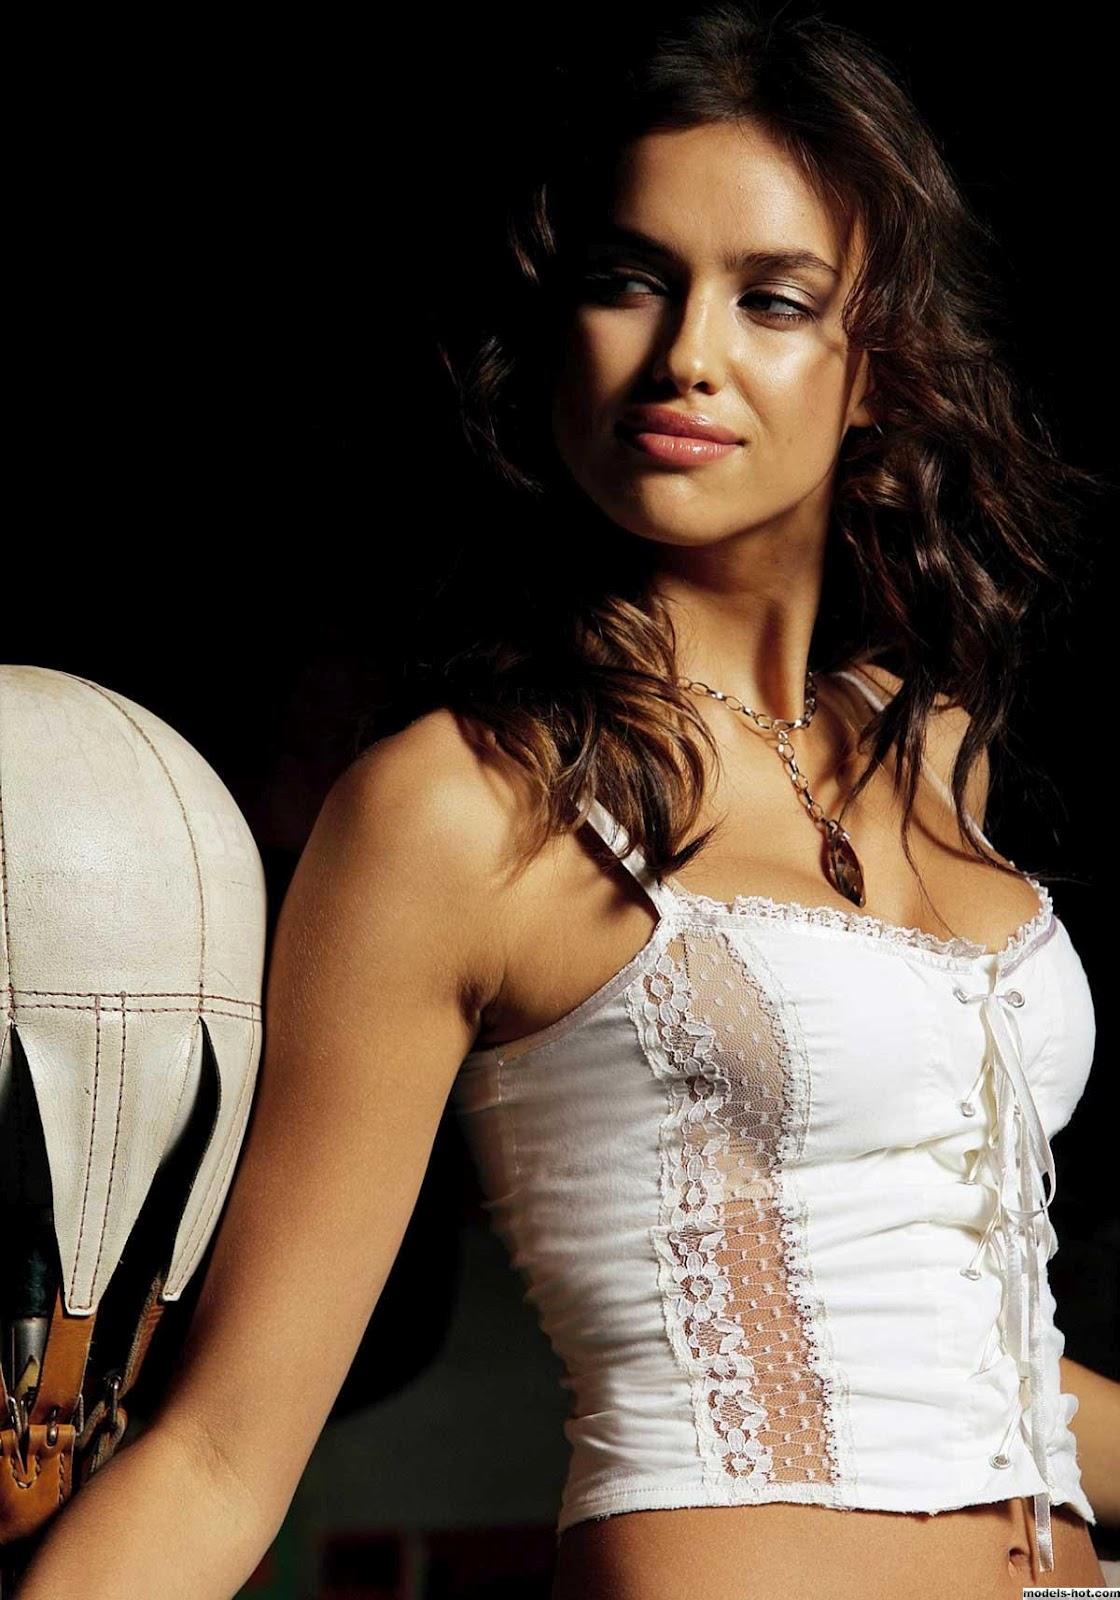 http://3.bp.blogspot.com/-ab0fQ5igdHI/UE7JGaDwaQI/AAAAAAAAGrI/jcObTp2ezVQ/s1600/Irina+Shayk+Hot+Models.jpeg